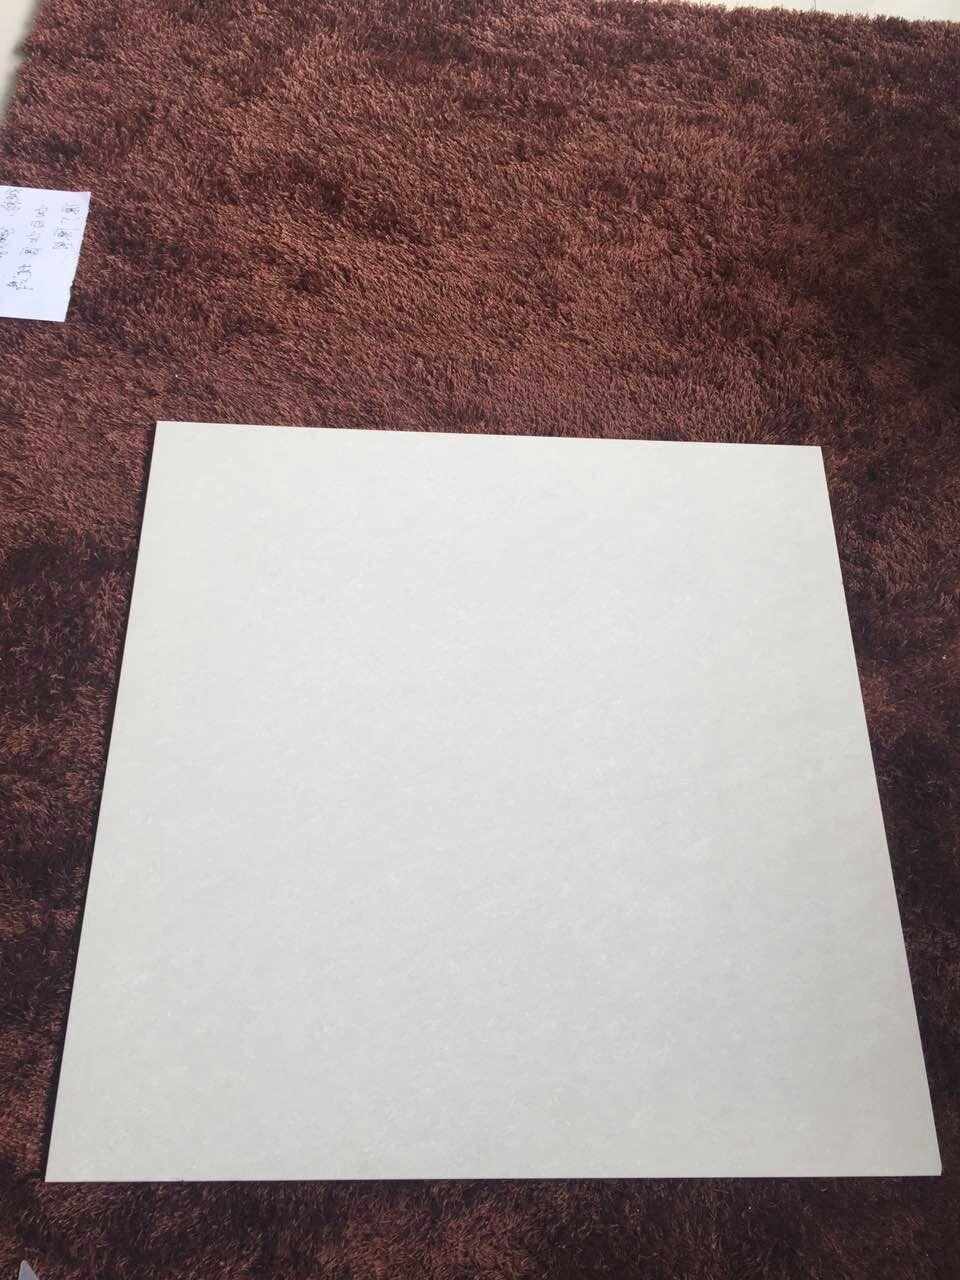 佛山800加白加厚黄白聚晶斜纹坯、1.2厚度、优等质量、15.5一片,售完即止。